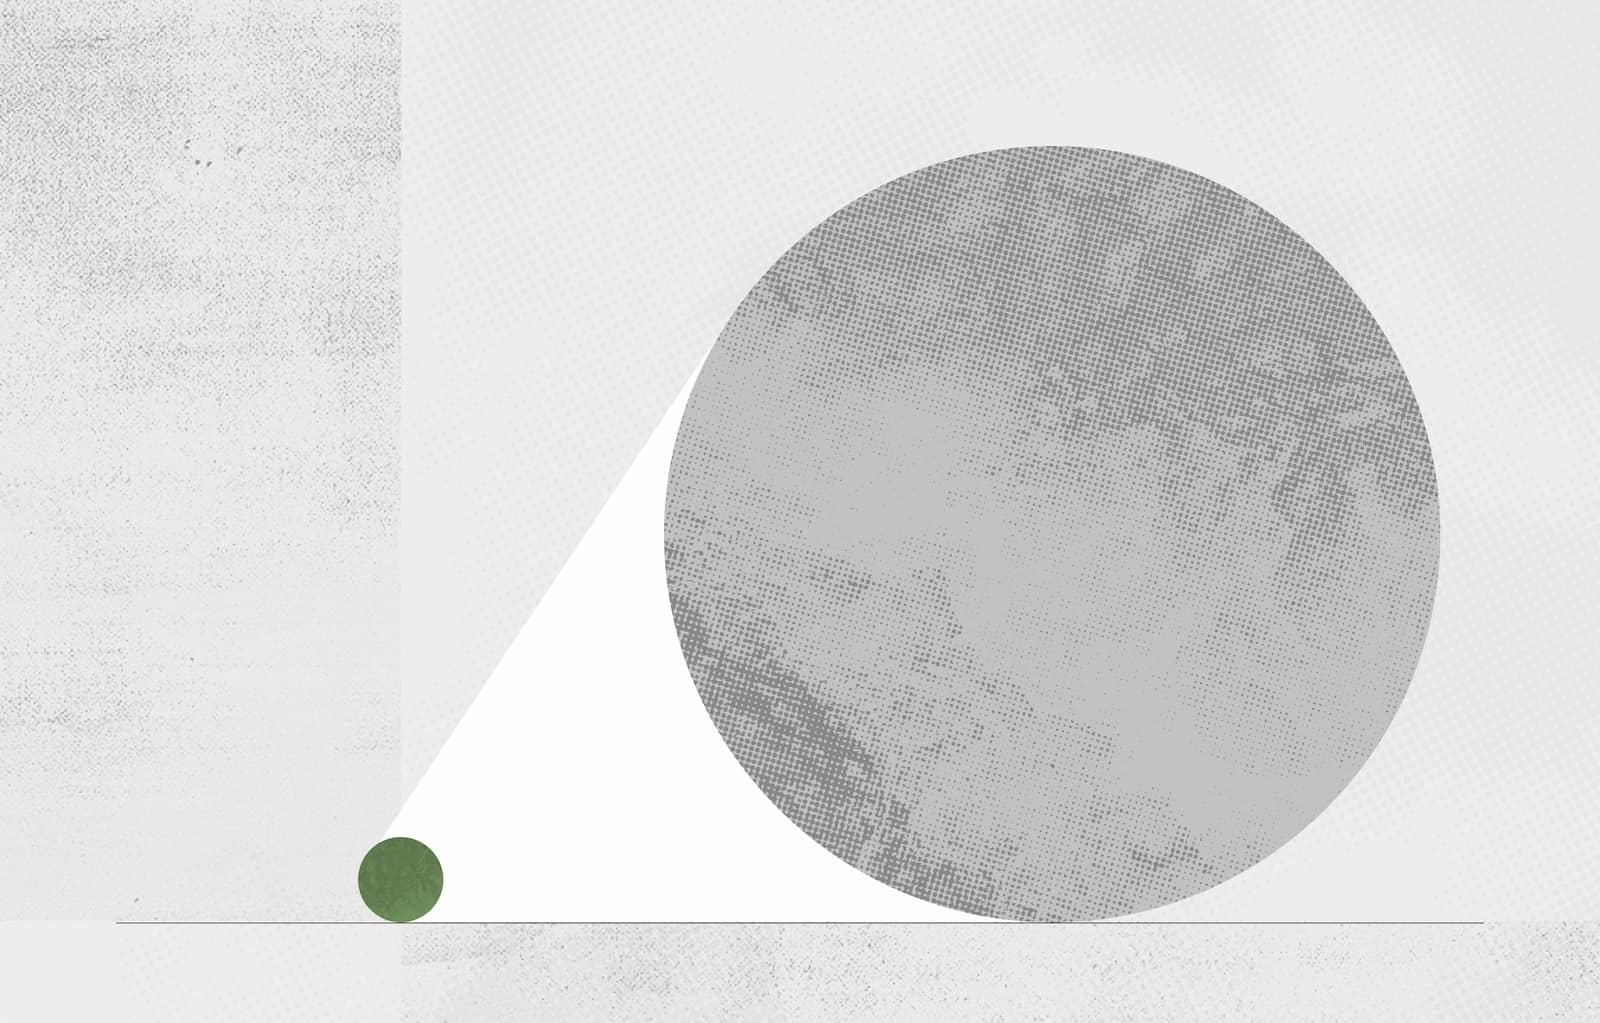 Ilustração: guia rápido para definir o escopo do projeto em 8 etapas